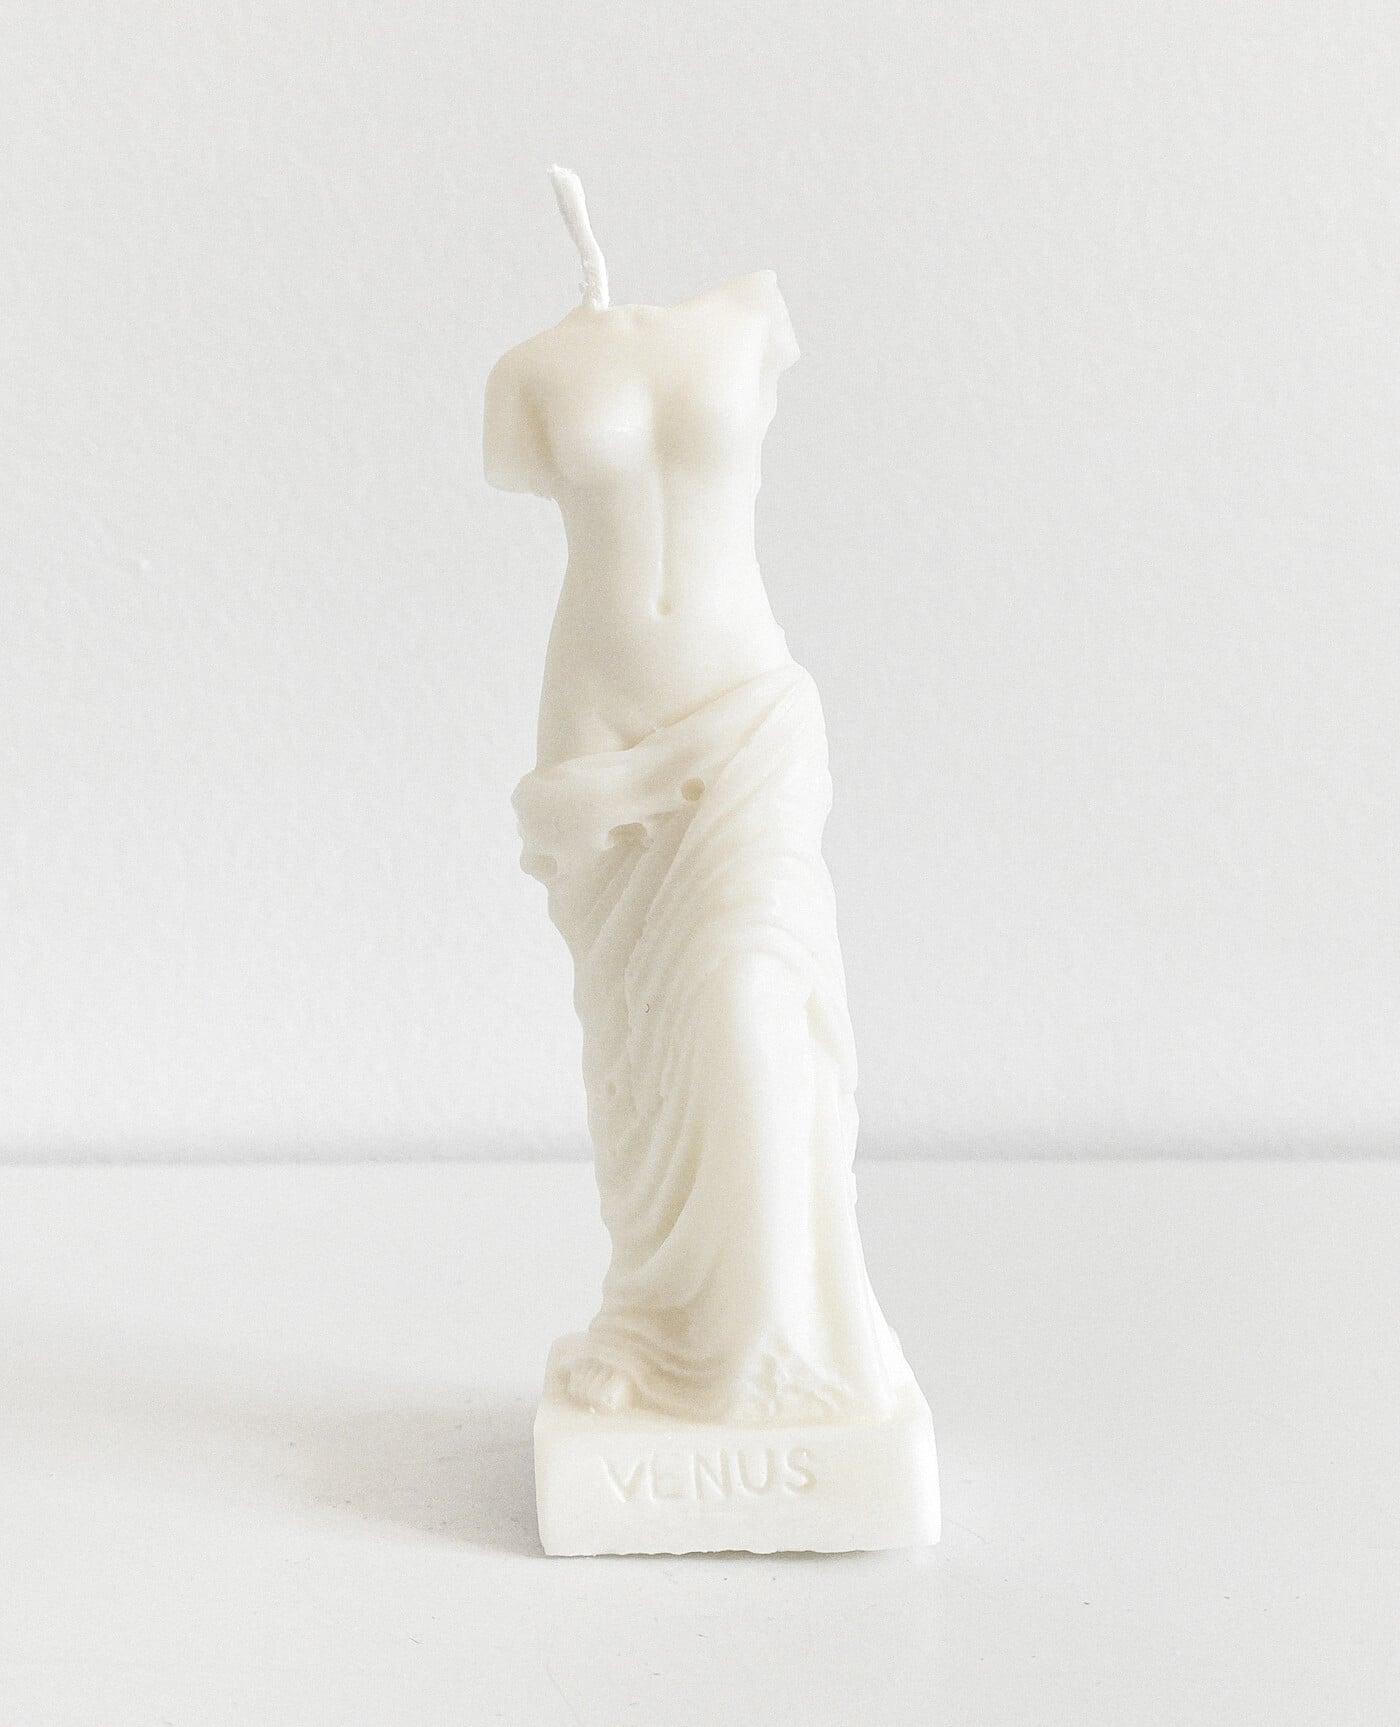 Bougie parfumée La Vénus sculpture vegan de la marque Prose